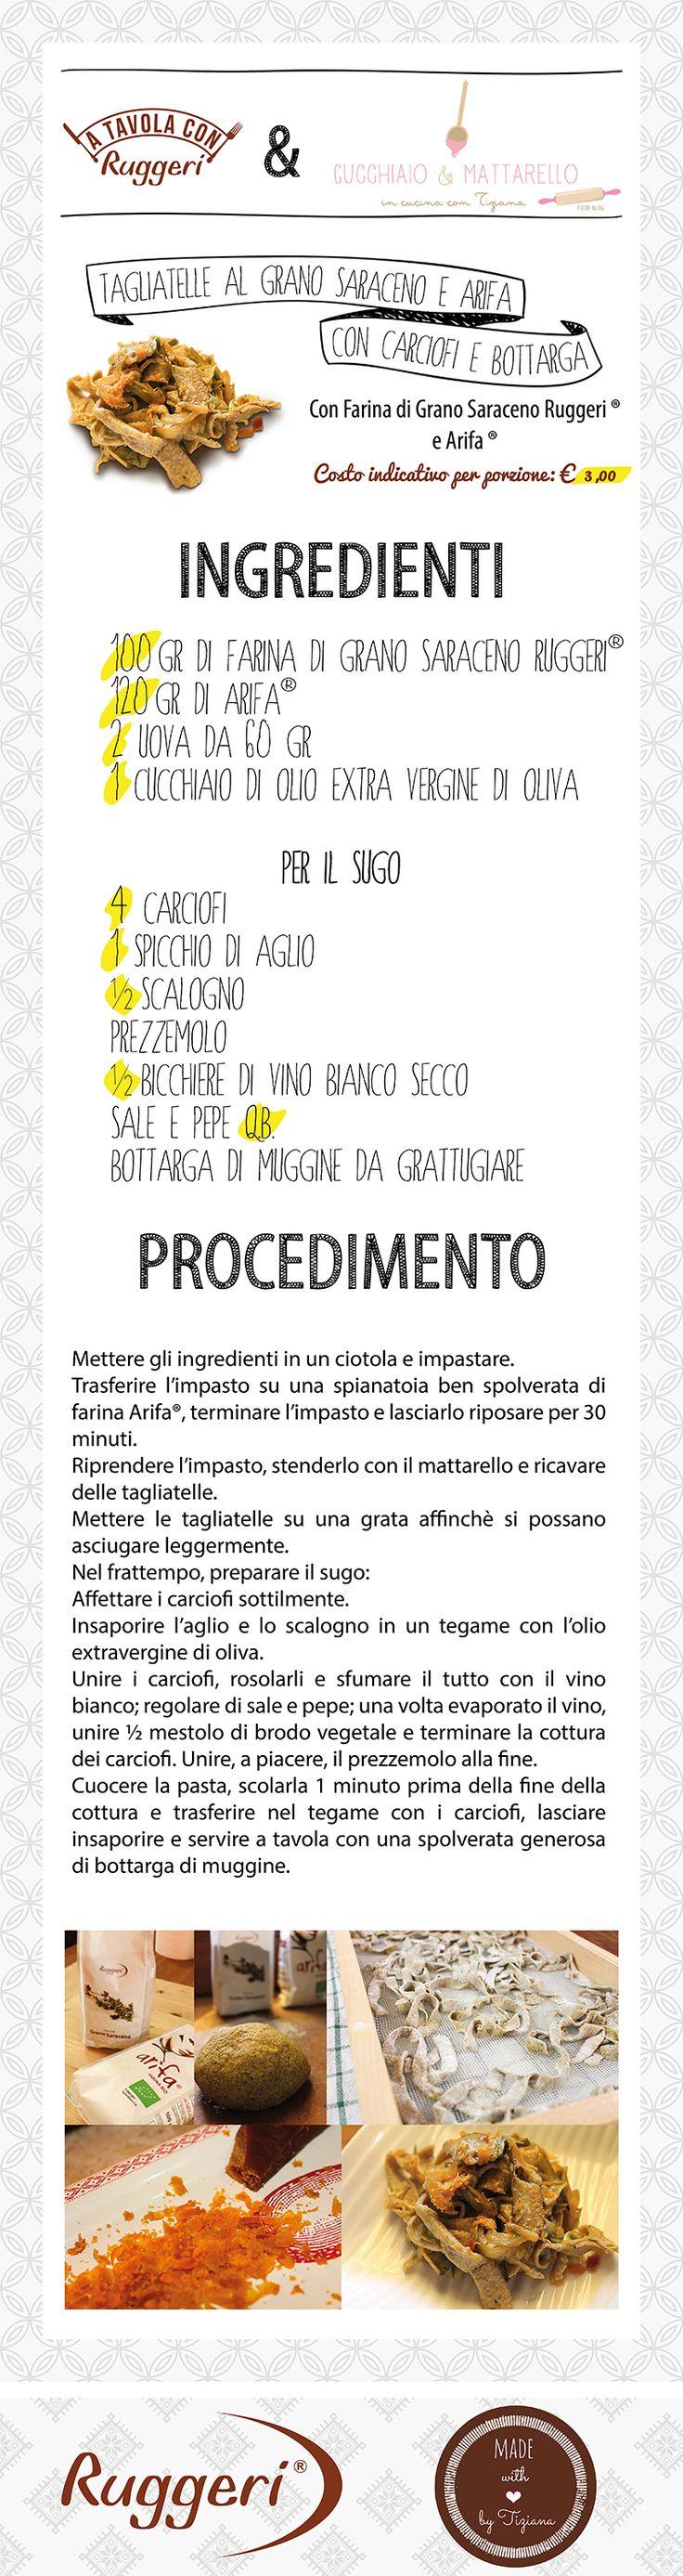 Ricetta per tagliatelle al grano saraceno e Arifa con carciofi e bottarga. Prodotti Ruggeri utilizzati: - Farina di Grano Saraceno Ruggeri, - Arifa. http://www.ruggerishop.it/it/ http://blog.alice.tv/cucchiaioemattarello/